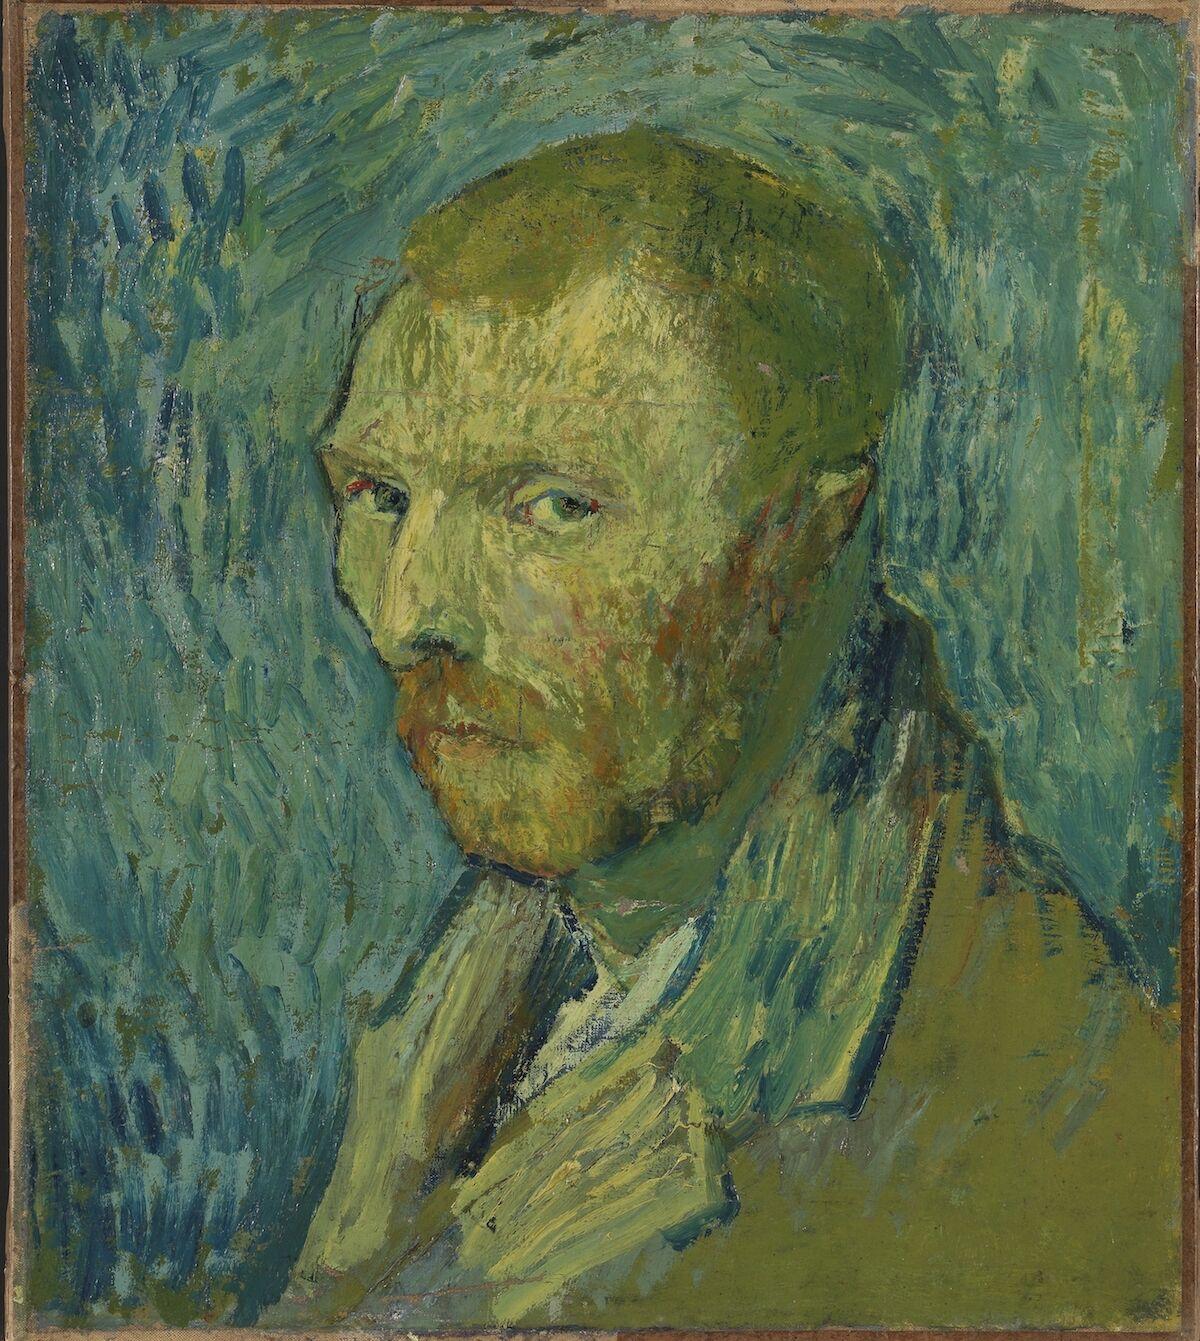 Vincent van Gogh, Self-Portrait, 1889. National Museum, Oslo.